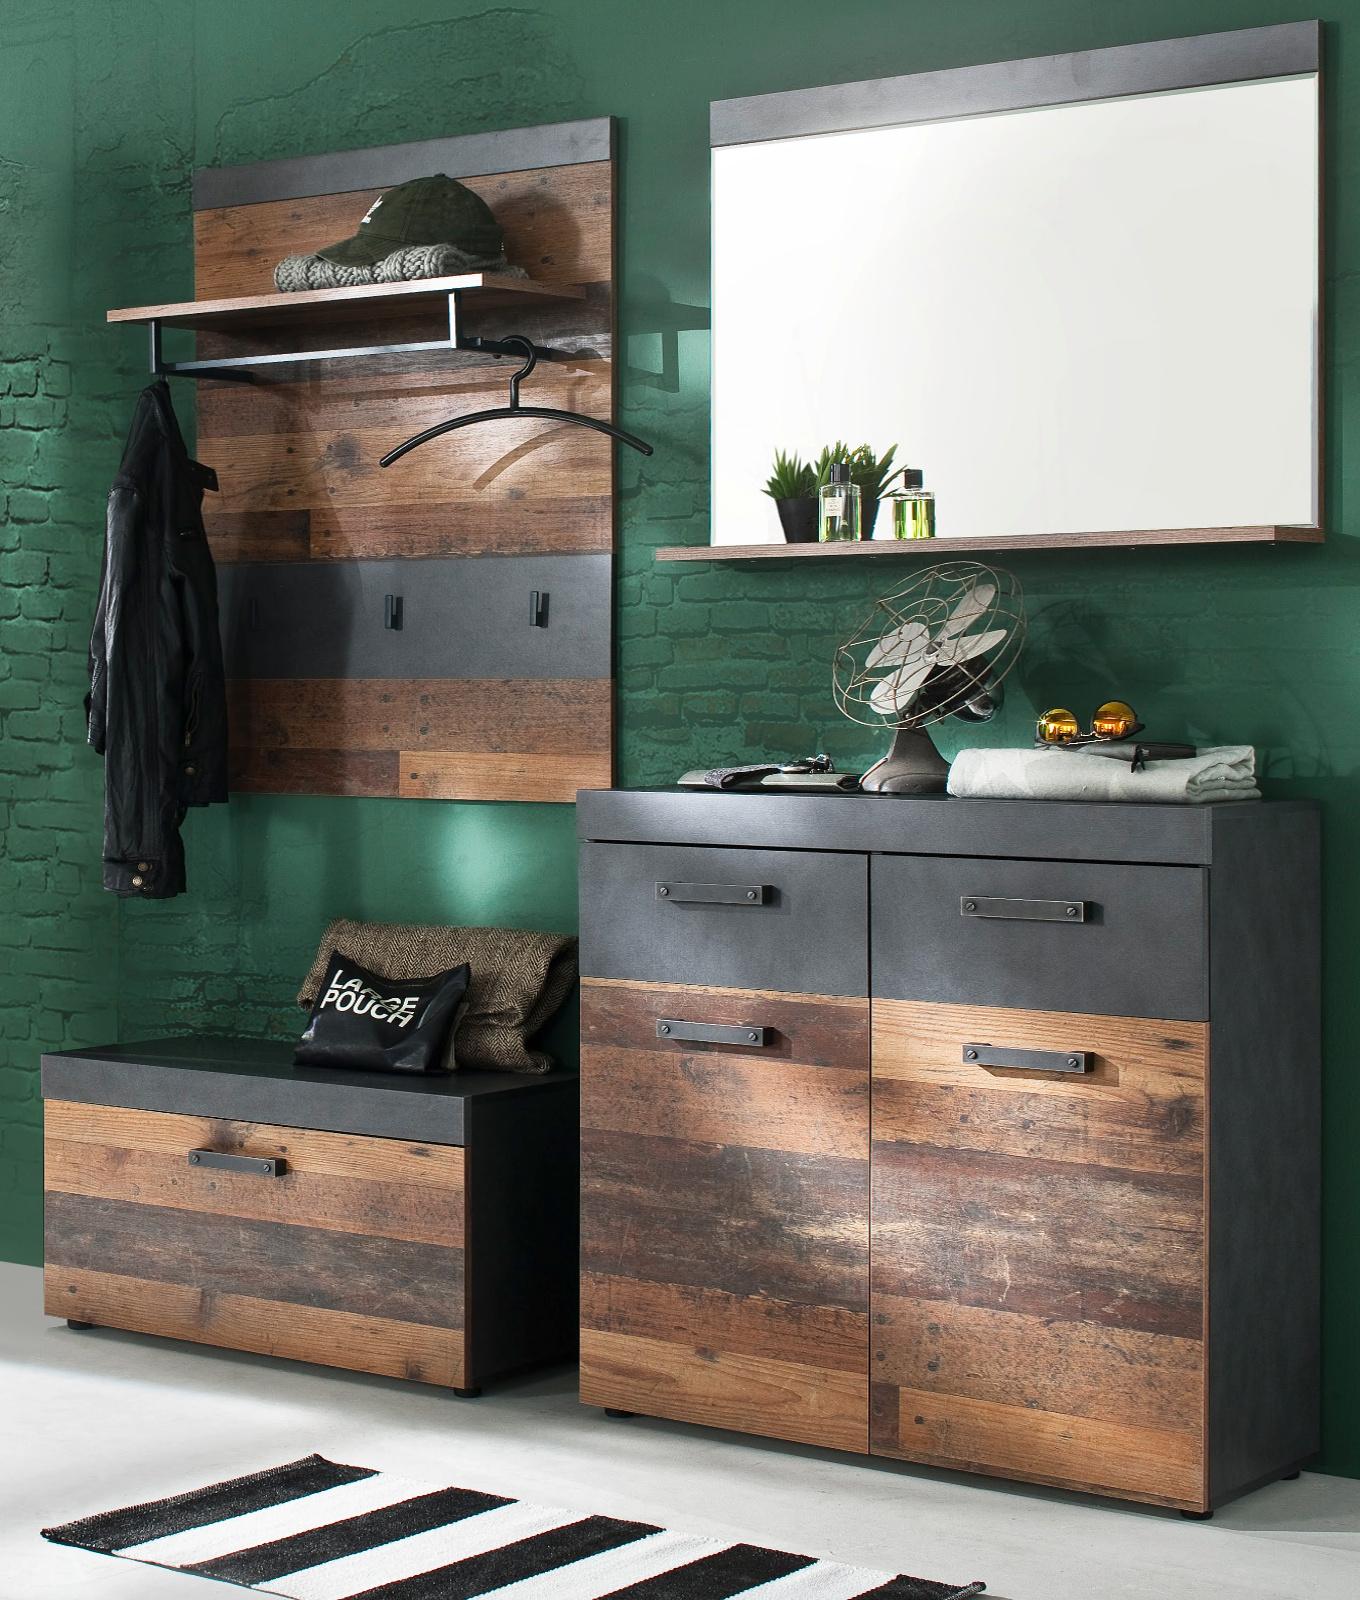 Garderobe Indy 4 Teilig In Used Wood Shabby Mit Matera Grau Garderobenset Mit Schuhbank Und Kommode 185 X 192 Cm